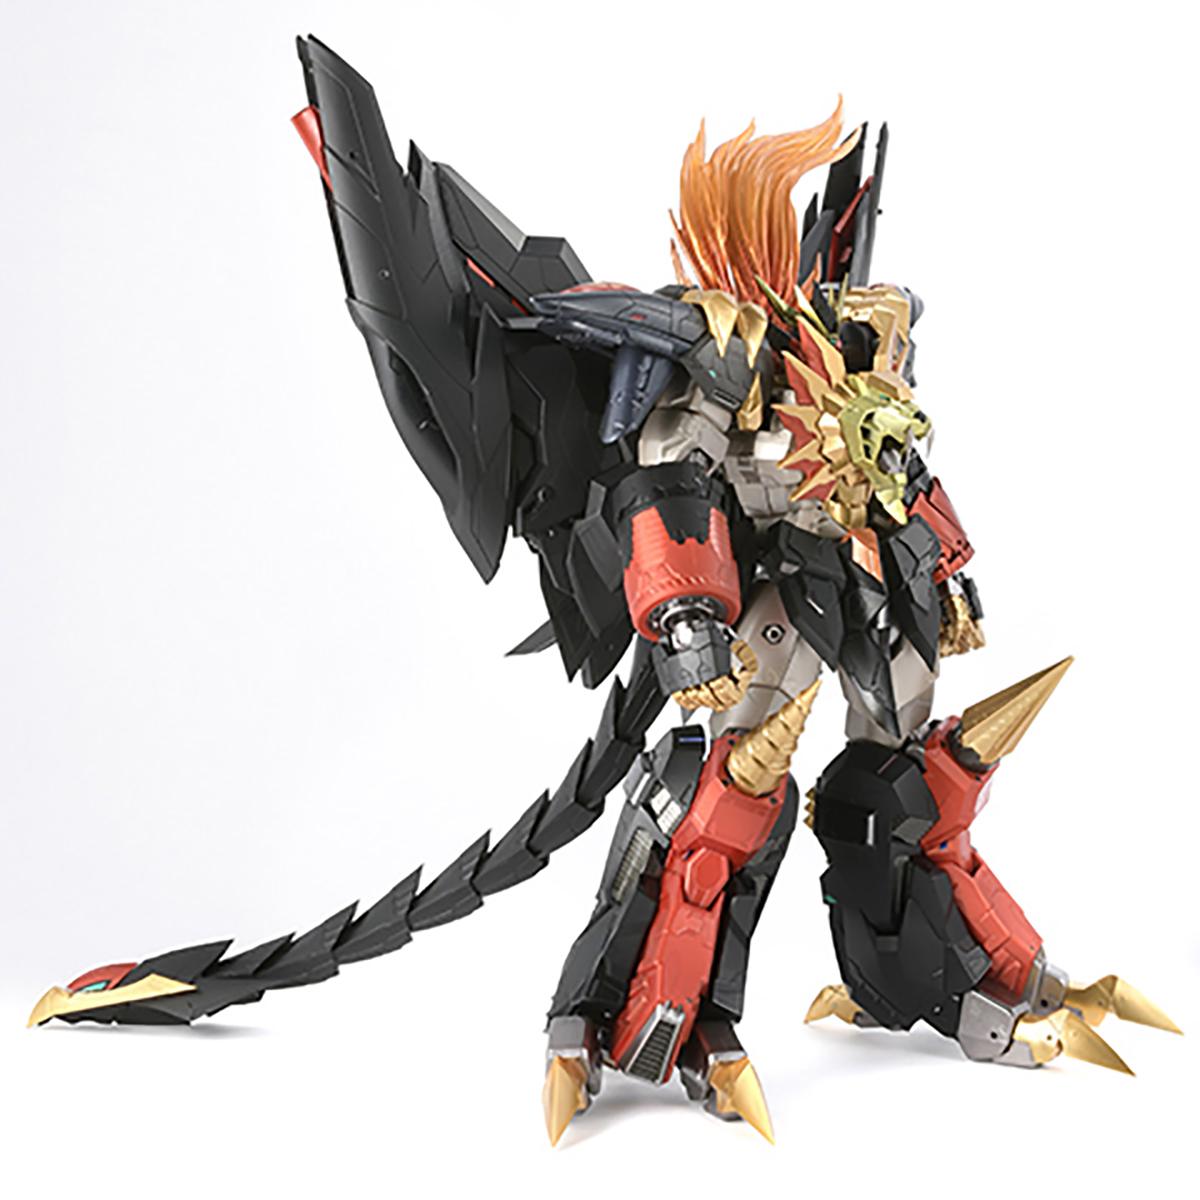 【限定販売】AMAKUNI機神『ジェネシックガオガイガー』勇者王ガオガイガー 可動フィギュア-004